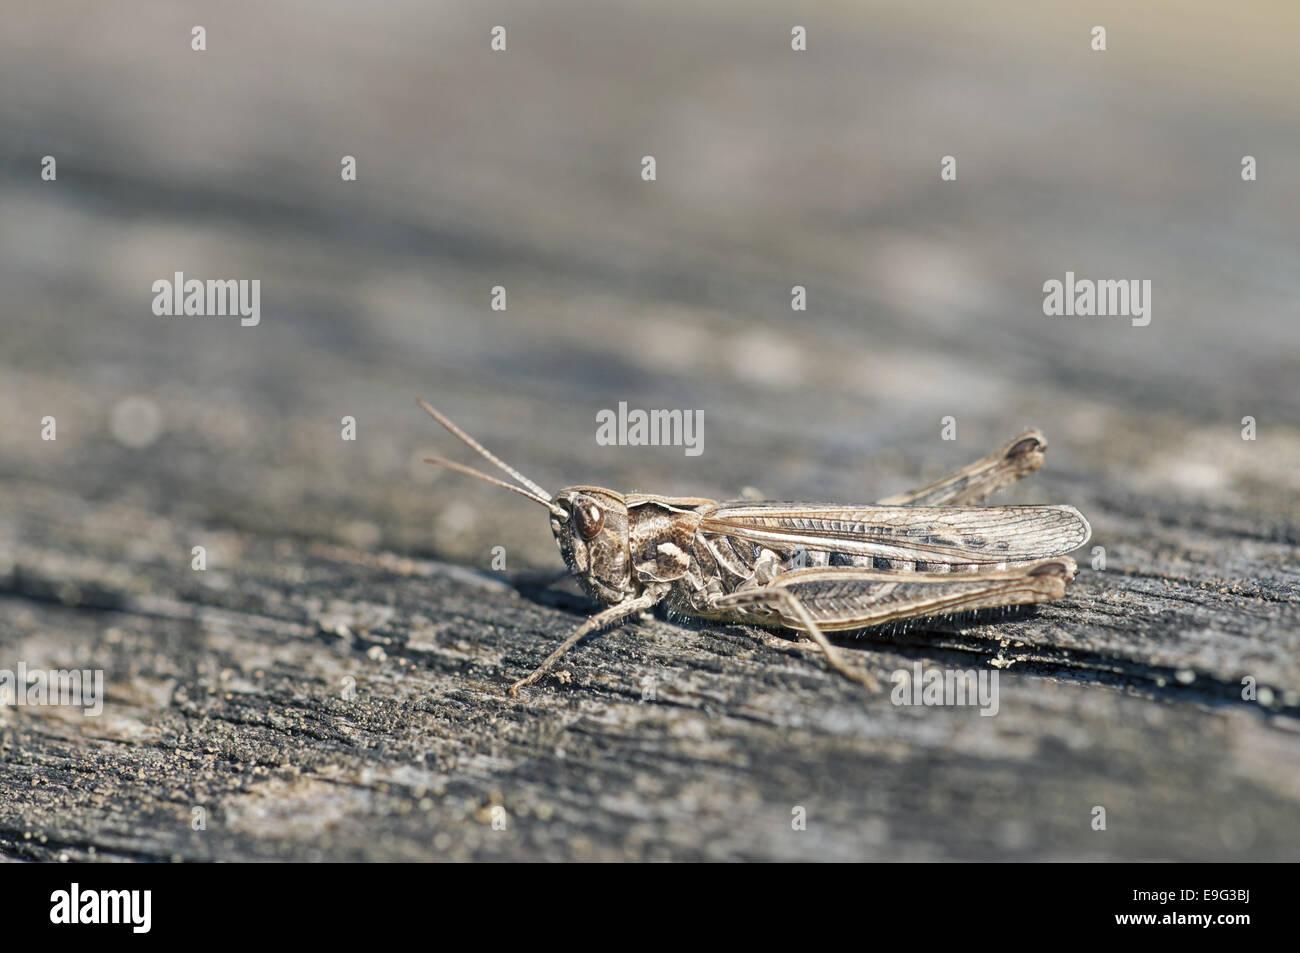 Bow-winged grasshopper (Chorthippus biguttulus) - Stock Image